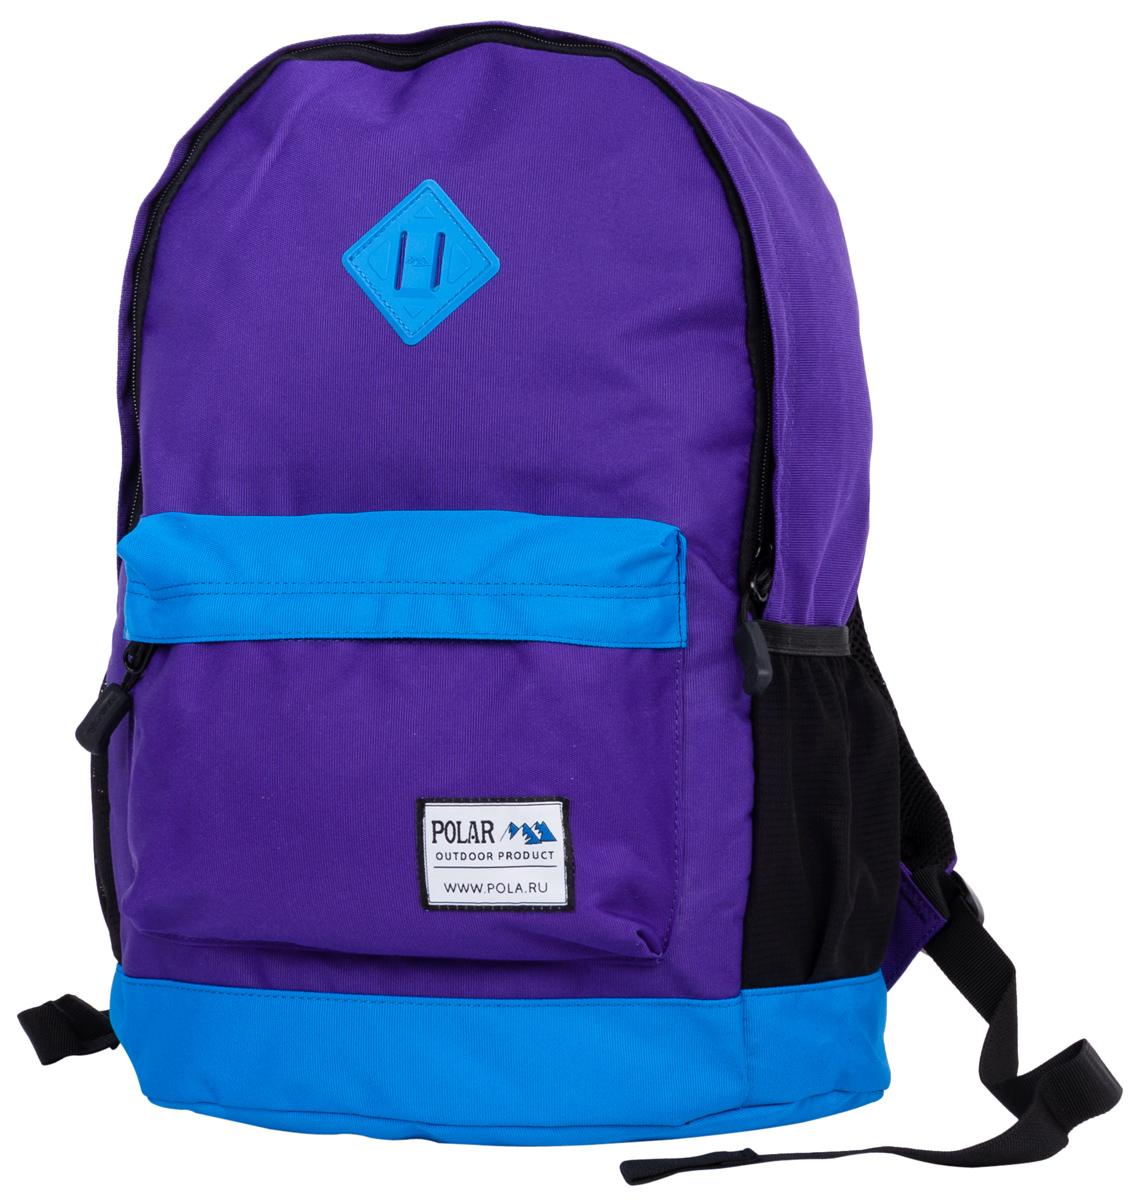 Рюкзак городской Polar, цвет: фиолетово-синий, 22,5 л. 15008 рюкзак городской polar цвет фиолетово синий 22 5 л 15008